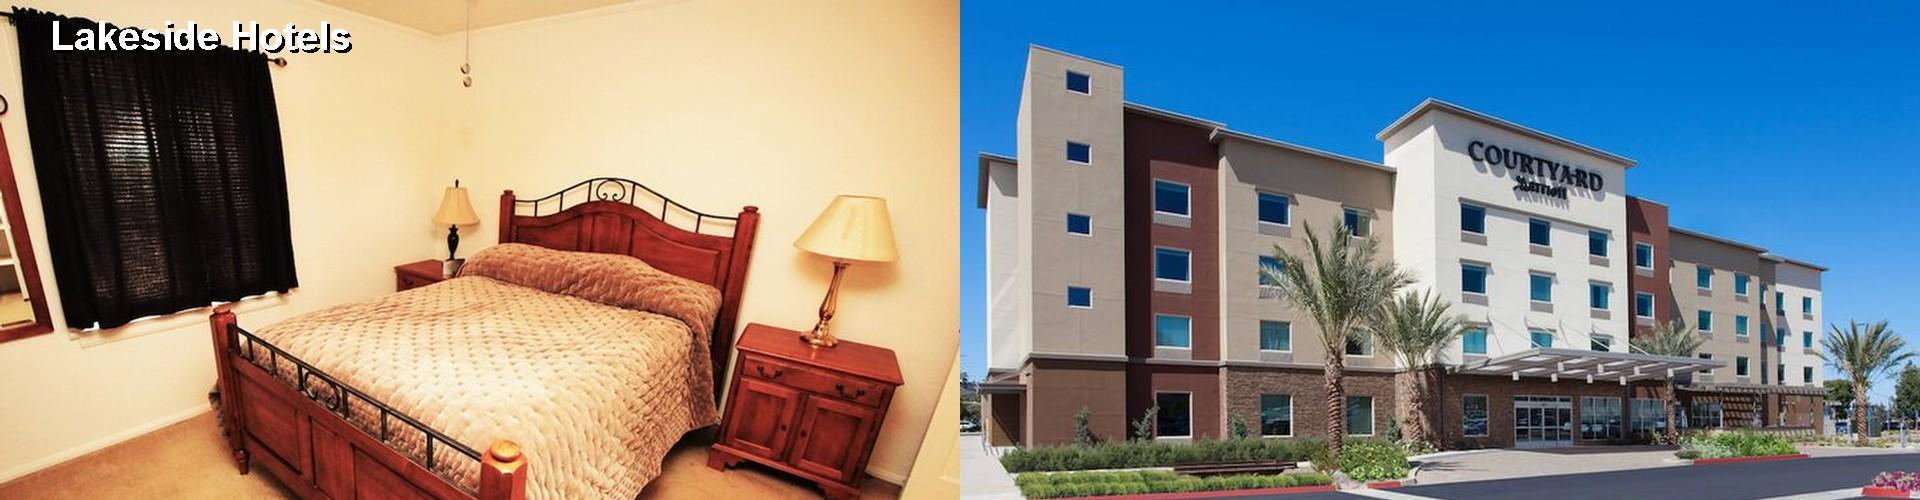 5 Best Hotels Near Lakeside